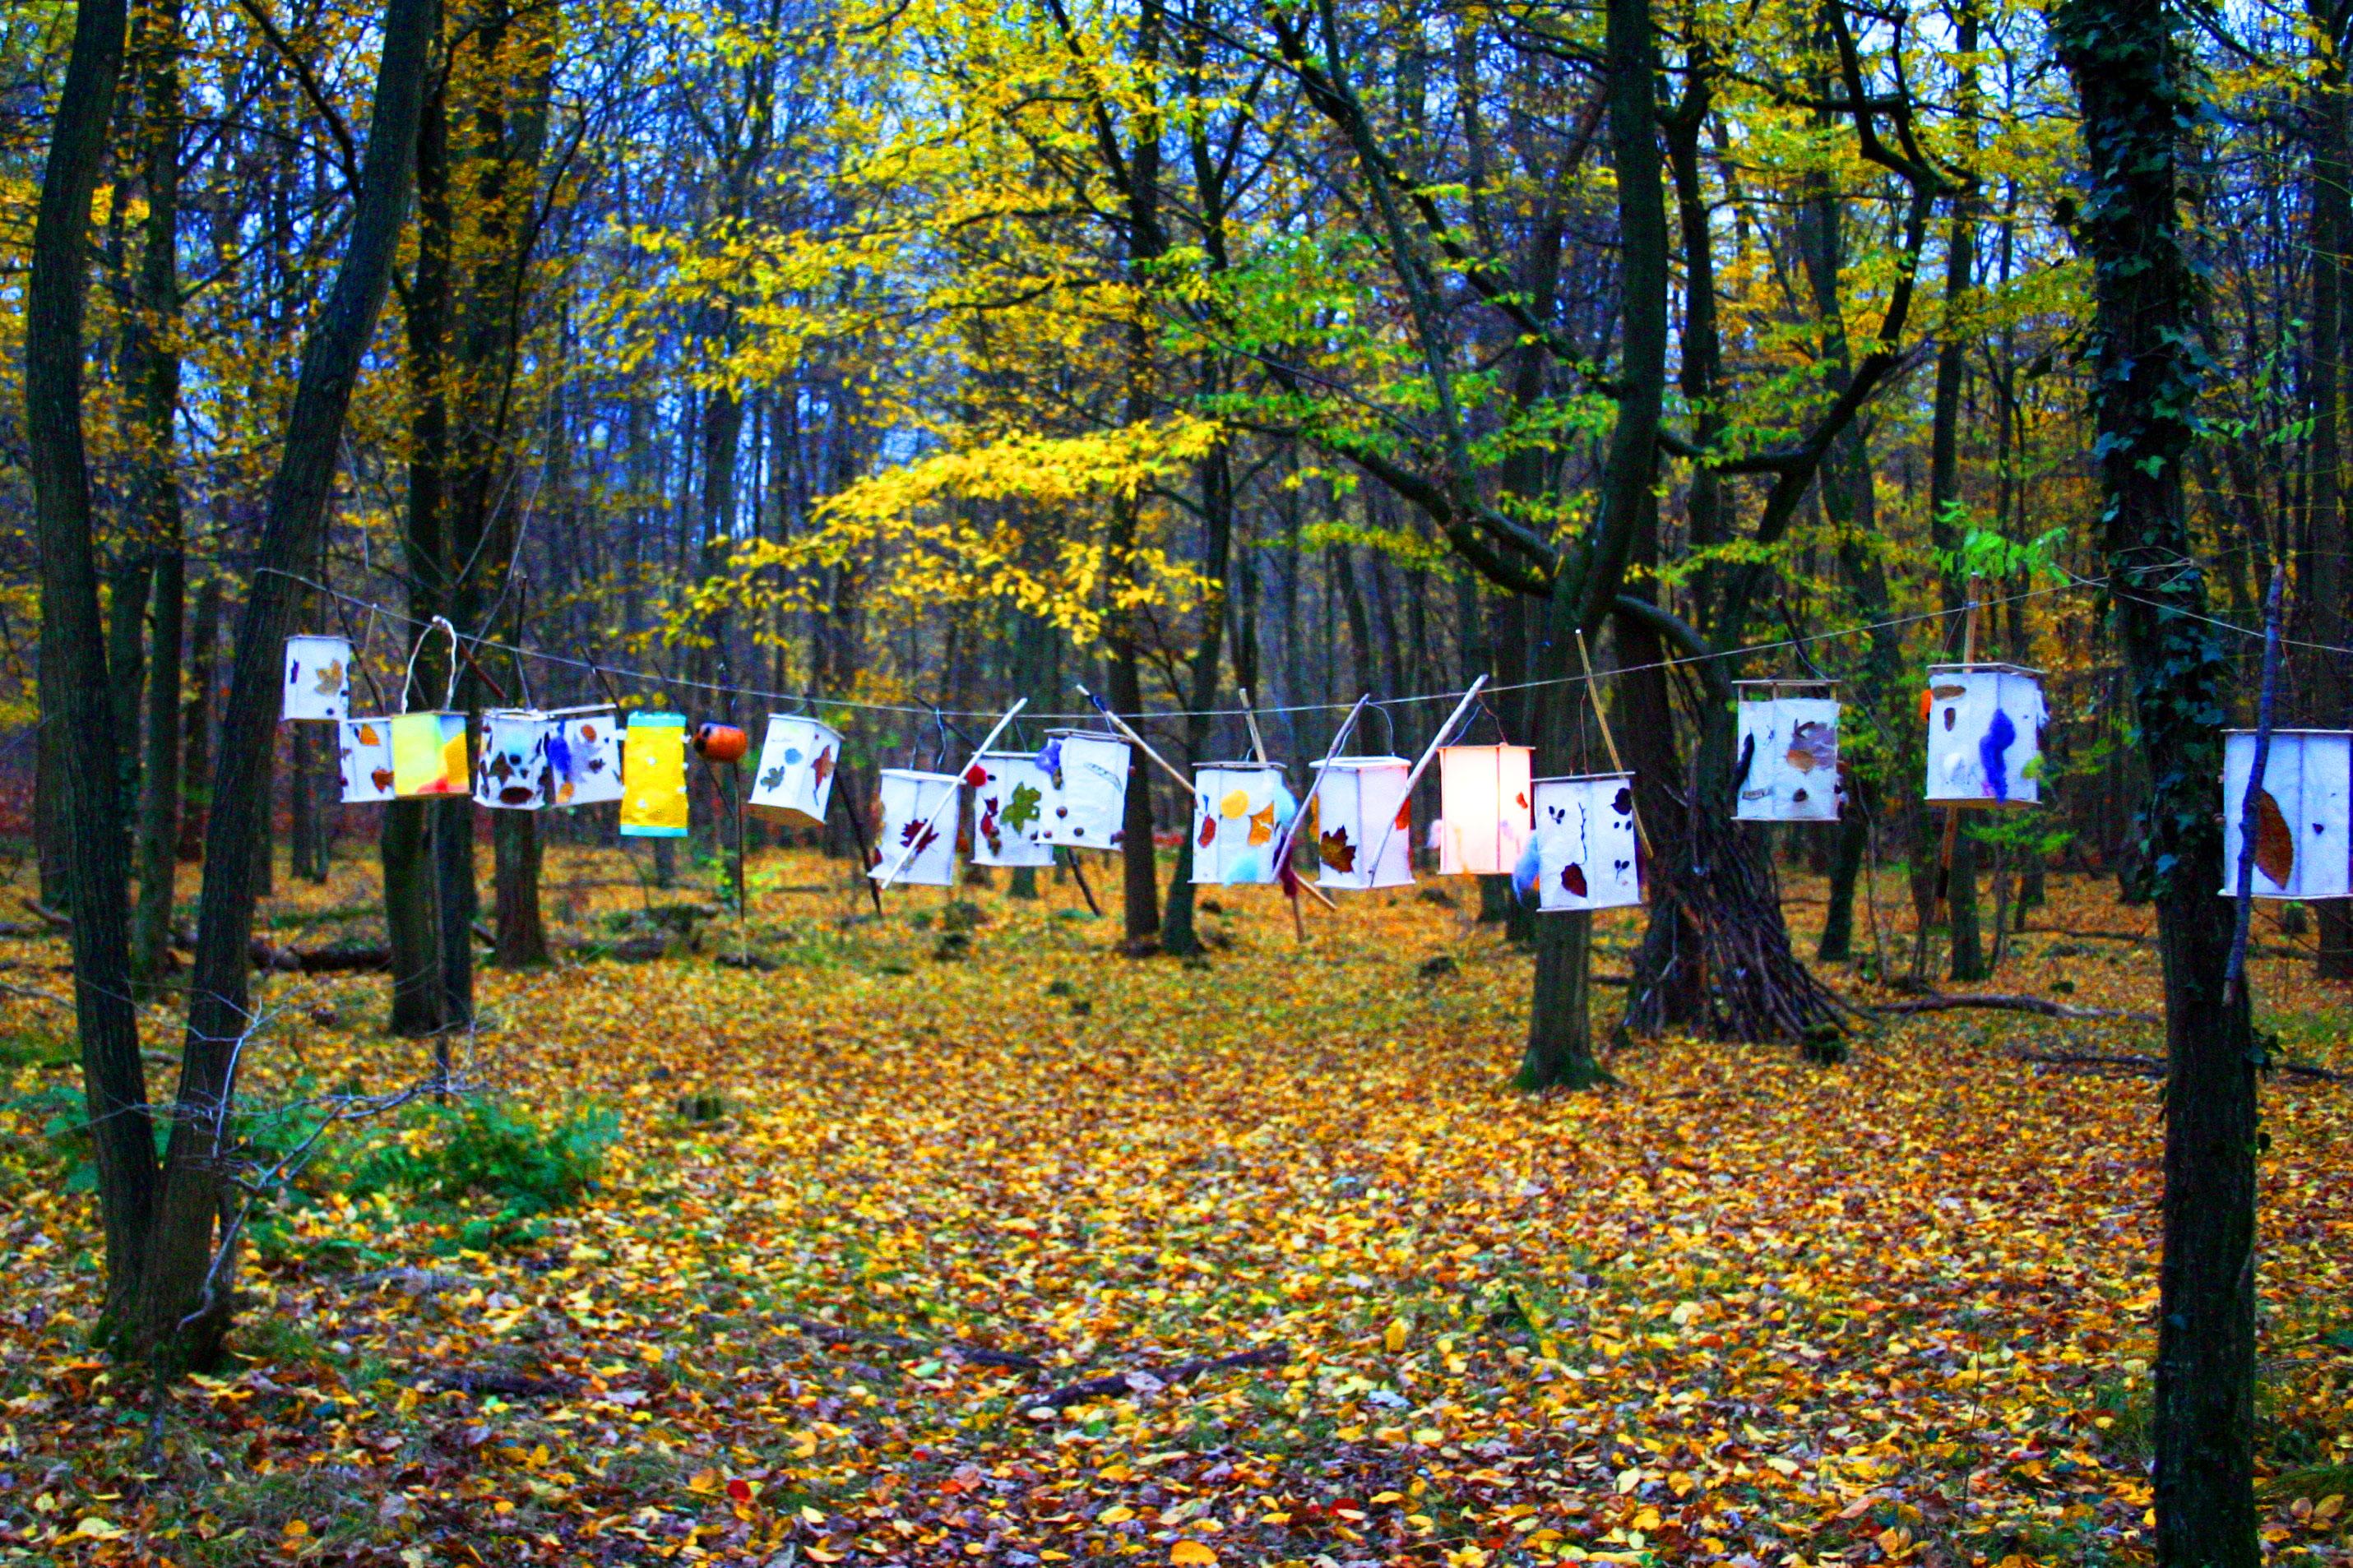 Zum 01.12.2019 suchen wir eine/n Erzieher / Sozialpädagoge mit Leitungsaufgaben (m/w/d) im Waldkindergarten Buxtehude